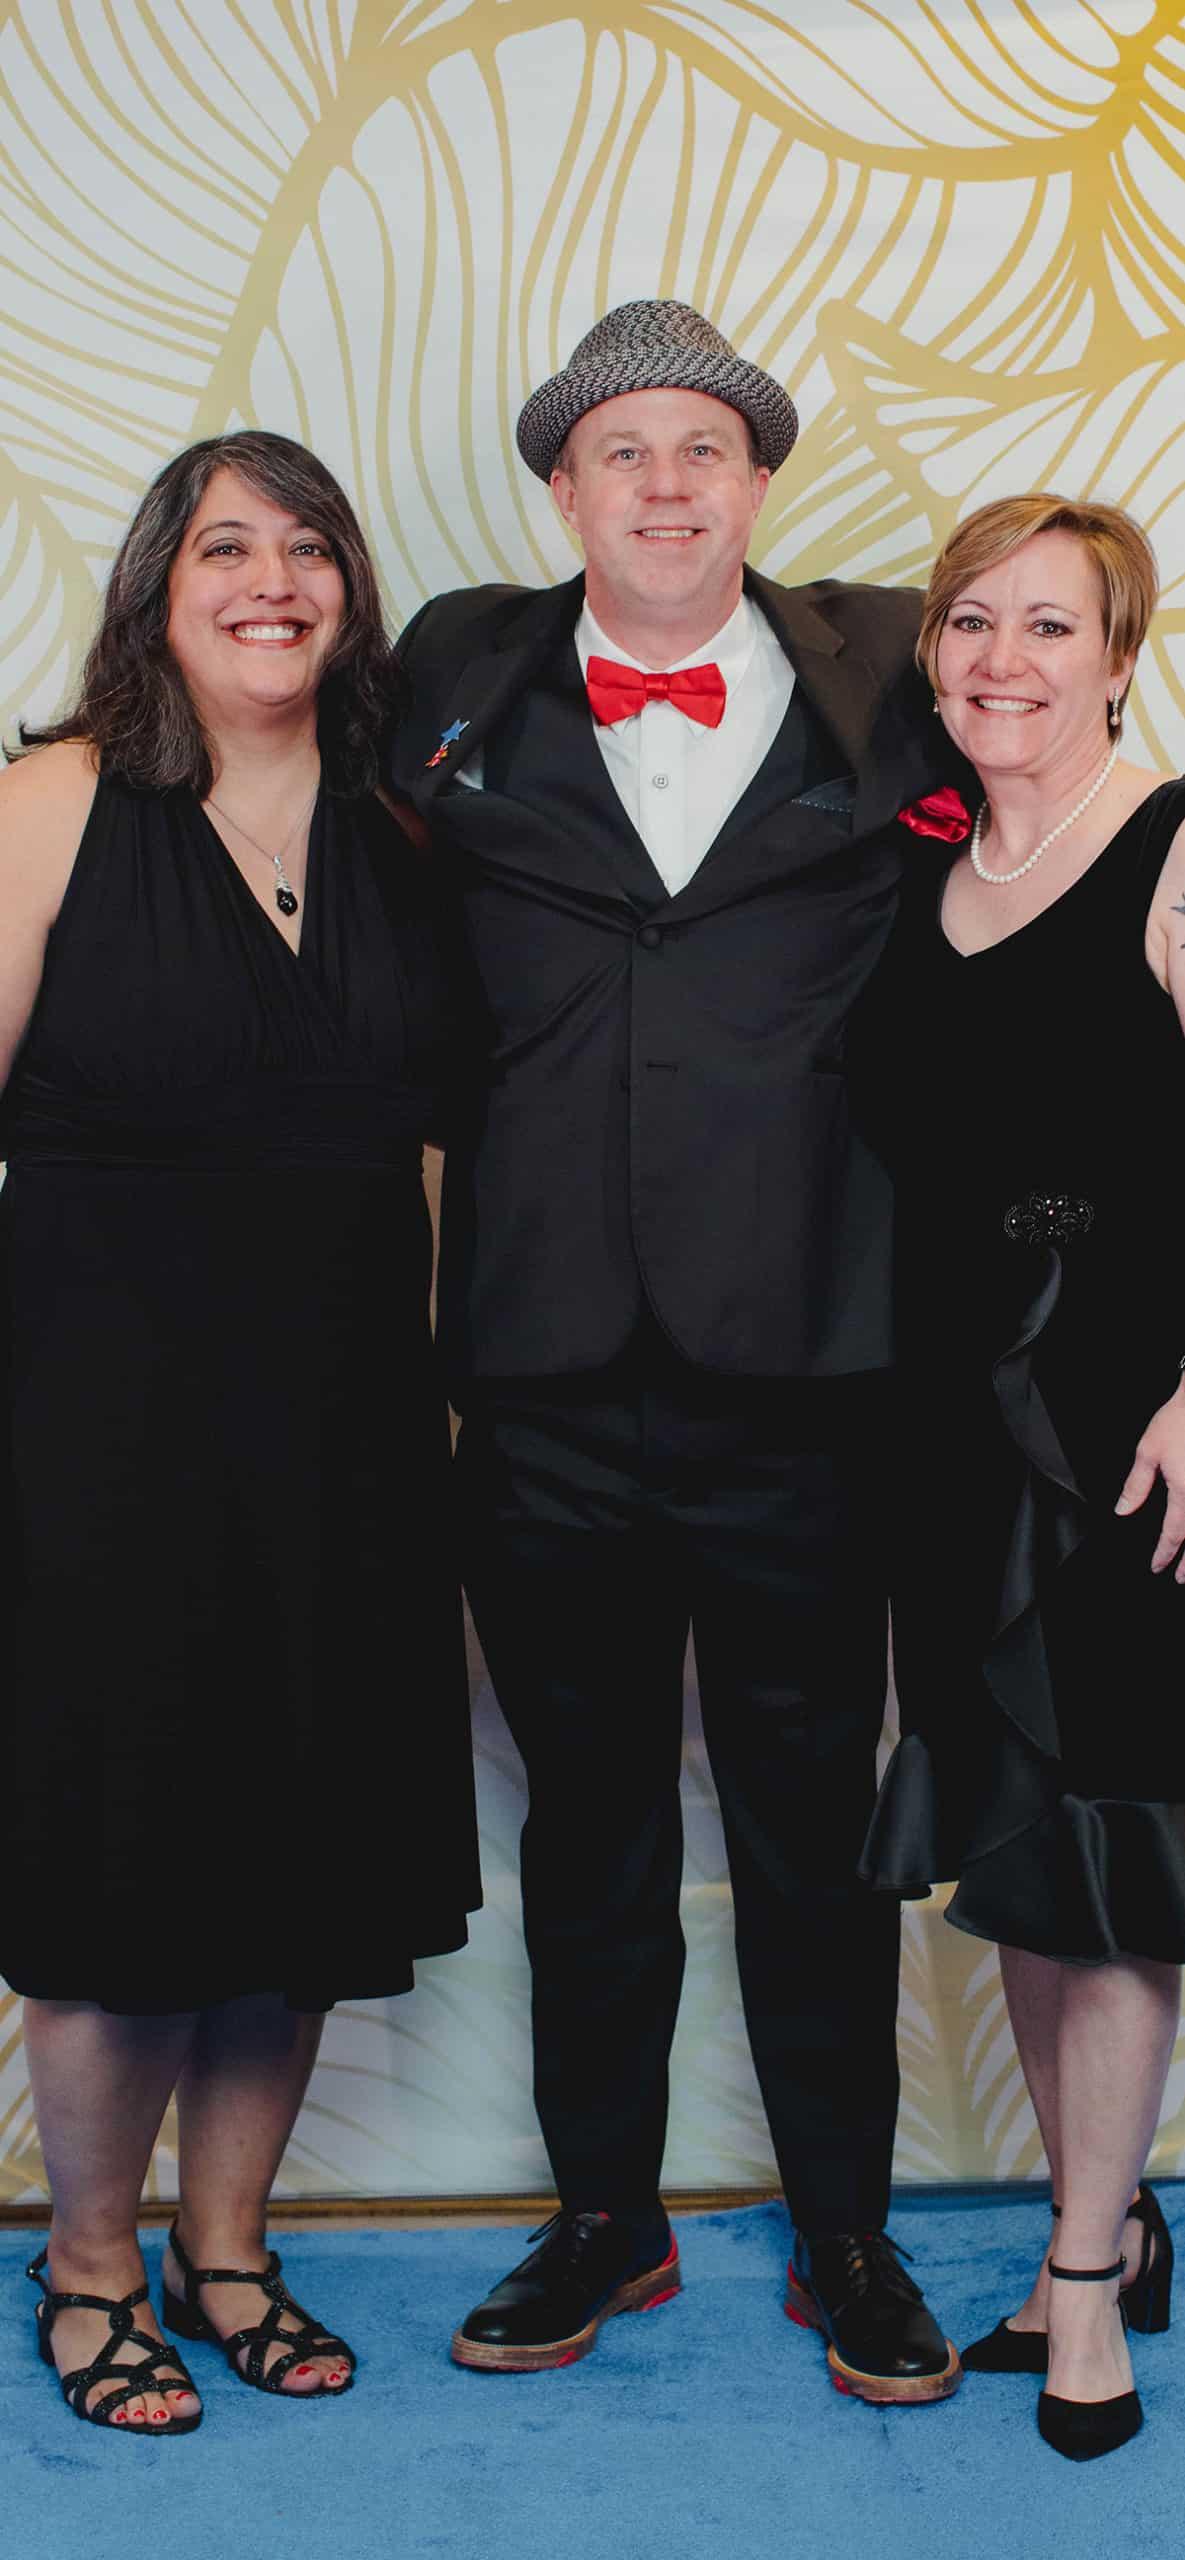 Rita Paul, Mike Rypka and Cheryl Drummond